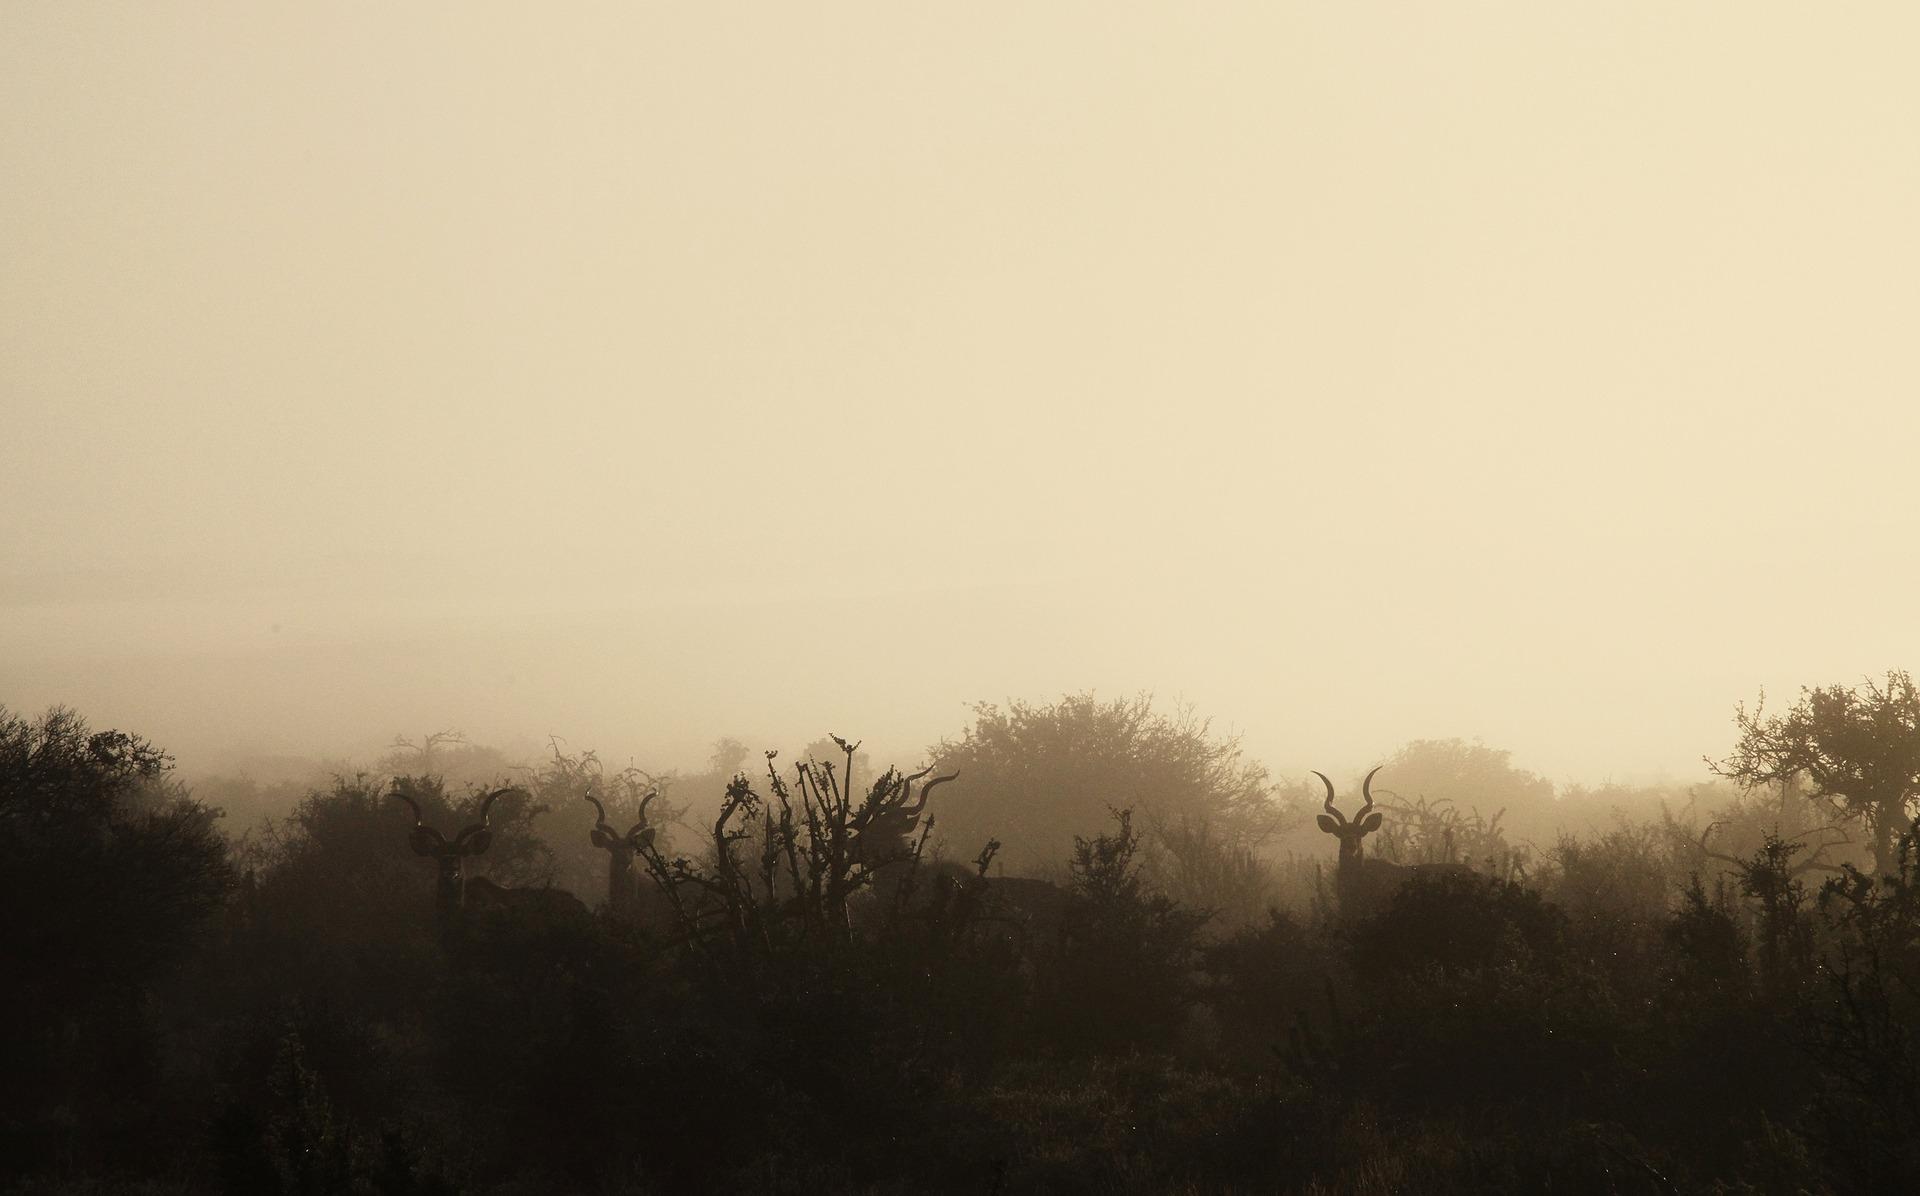 morning-2105944_1920.jpg